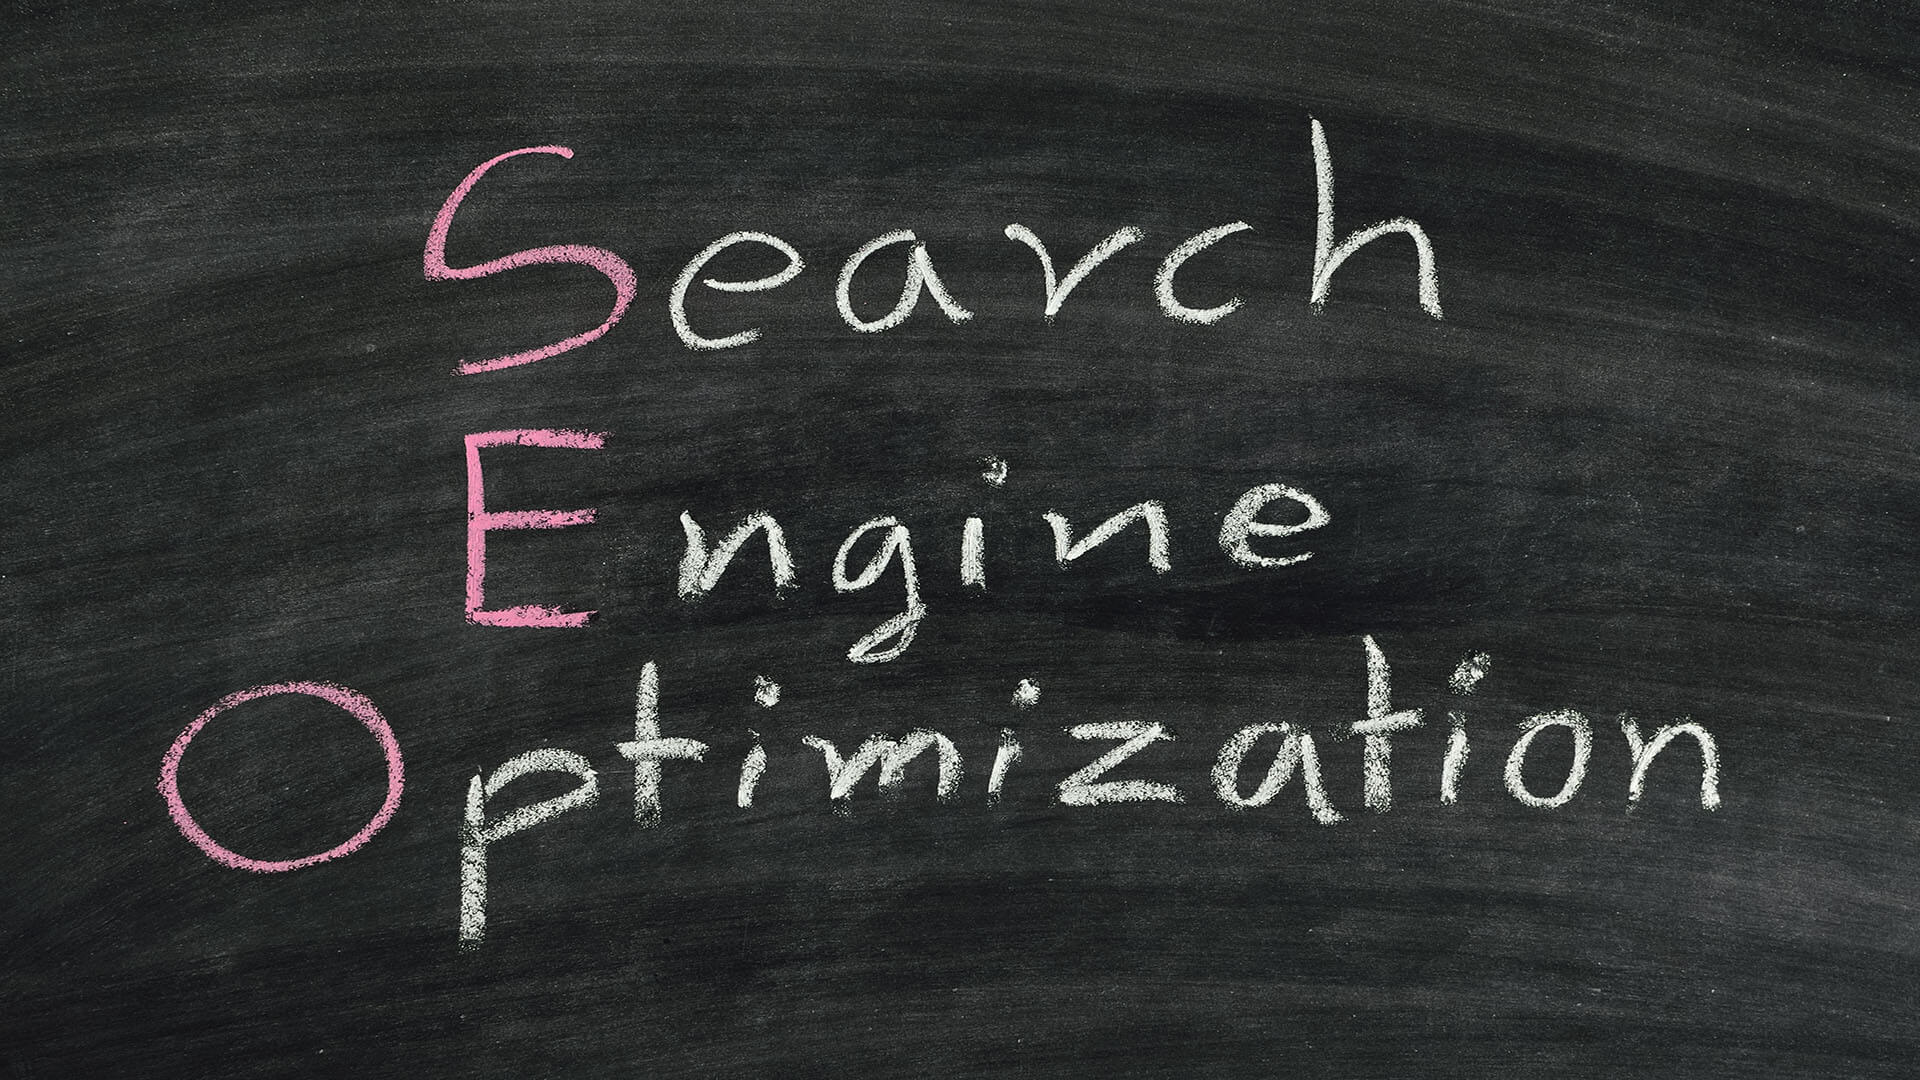 درباره ما,سئو,بهینه سازی,وبسایت,سایت,طراحی سایت,رنکینگ,خدمات سایت